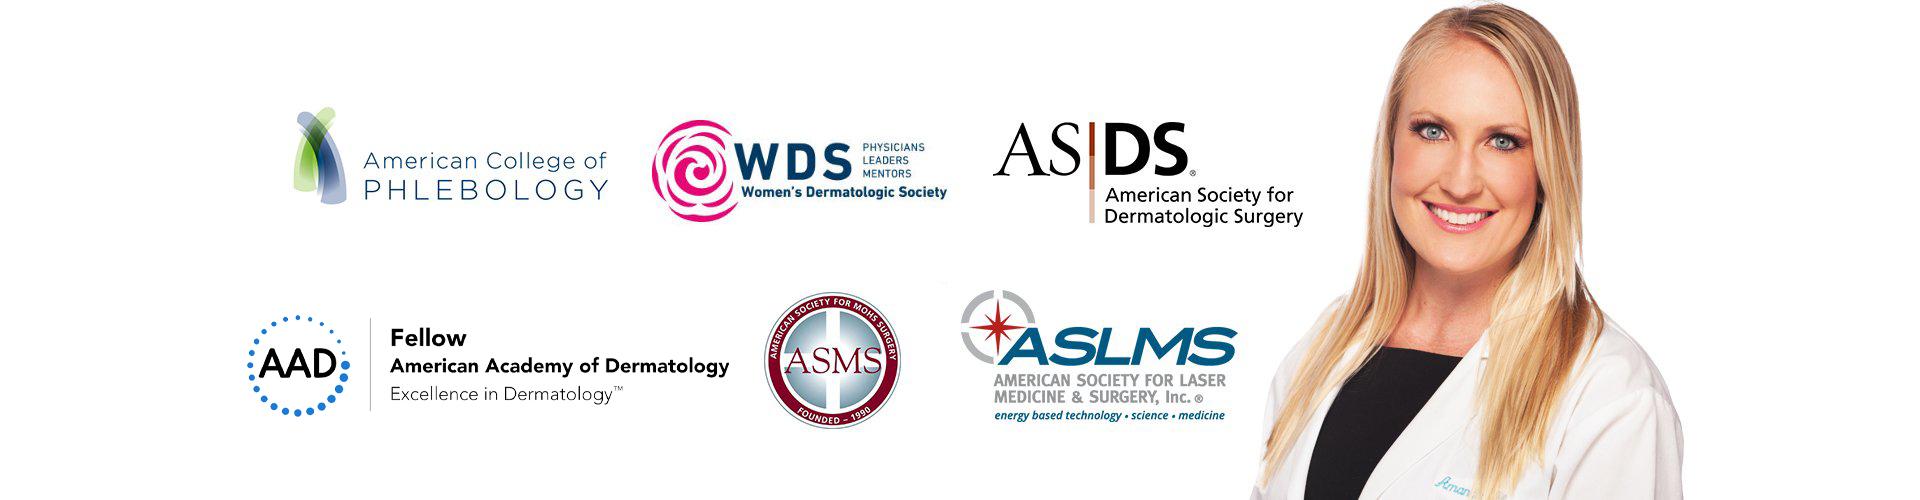 Dr. Amanda Abramson Lloyd and her memberships Slider